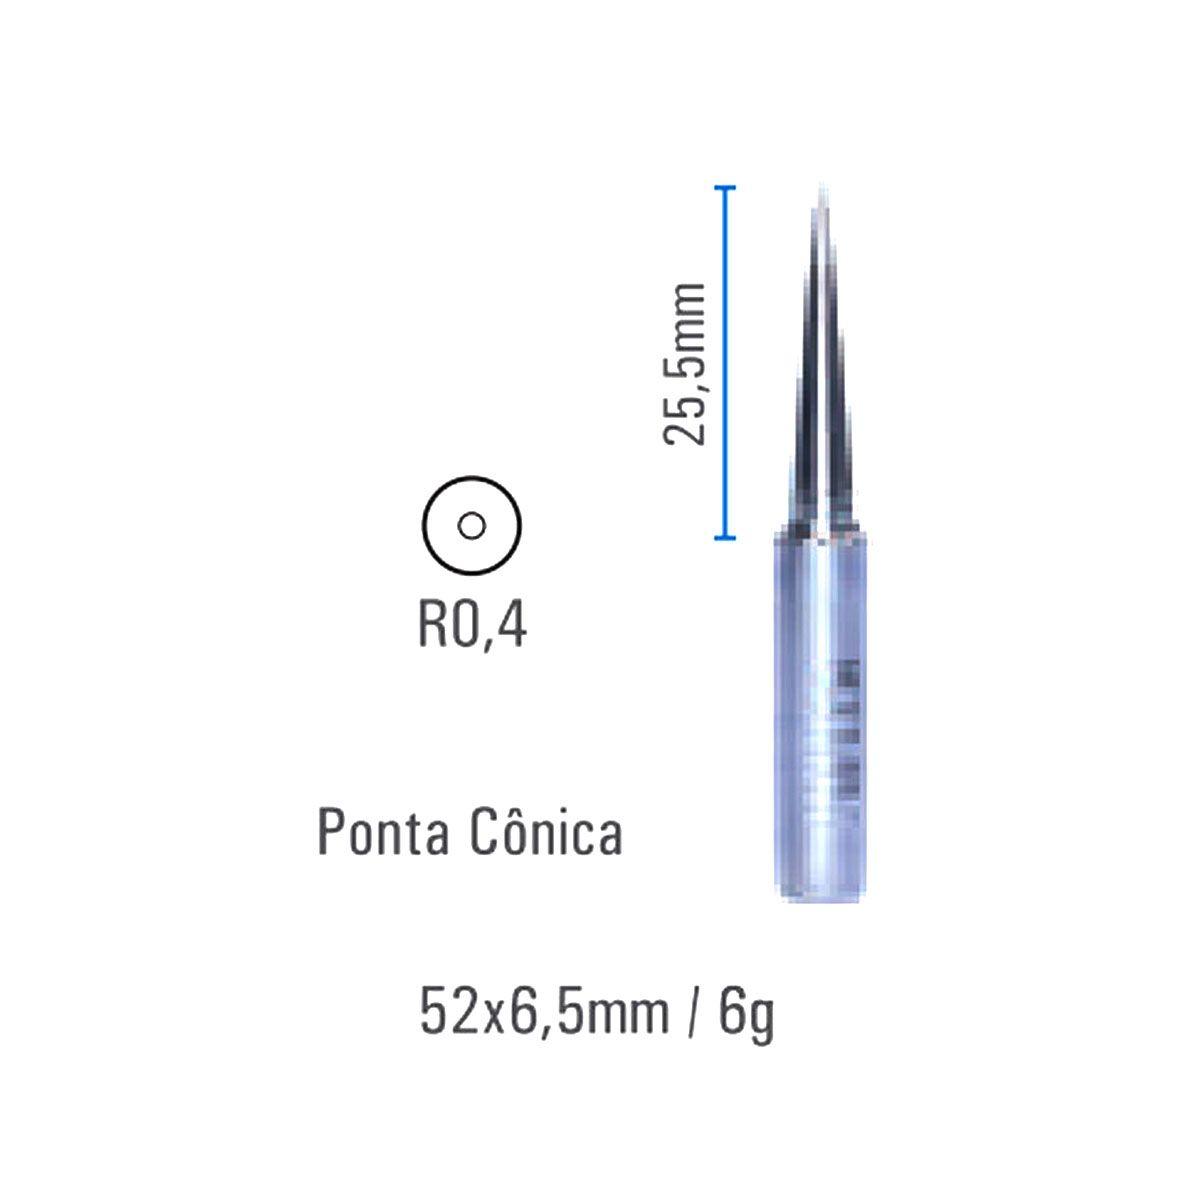 Ponta Cônica MTLB 0,4mm Para Estação de Solda - Hikari - 21J047